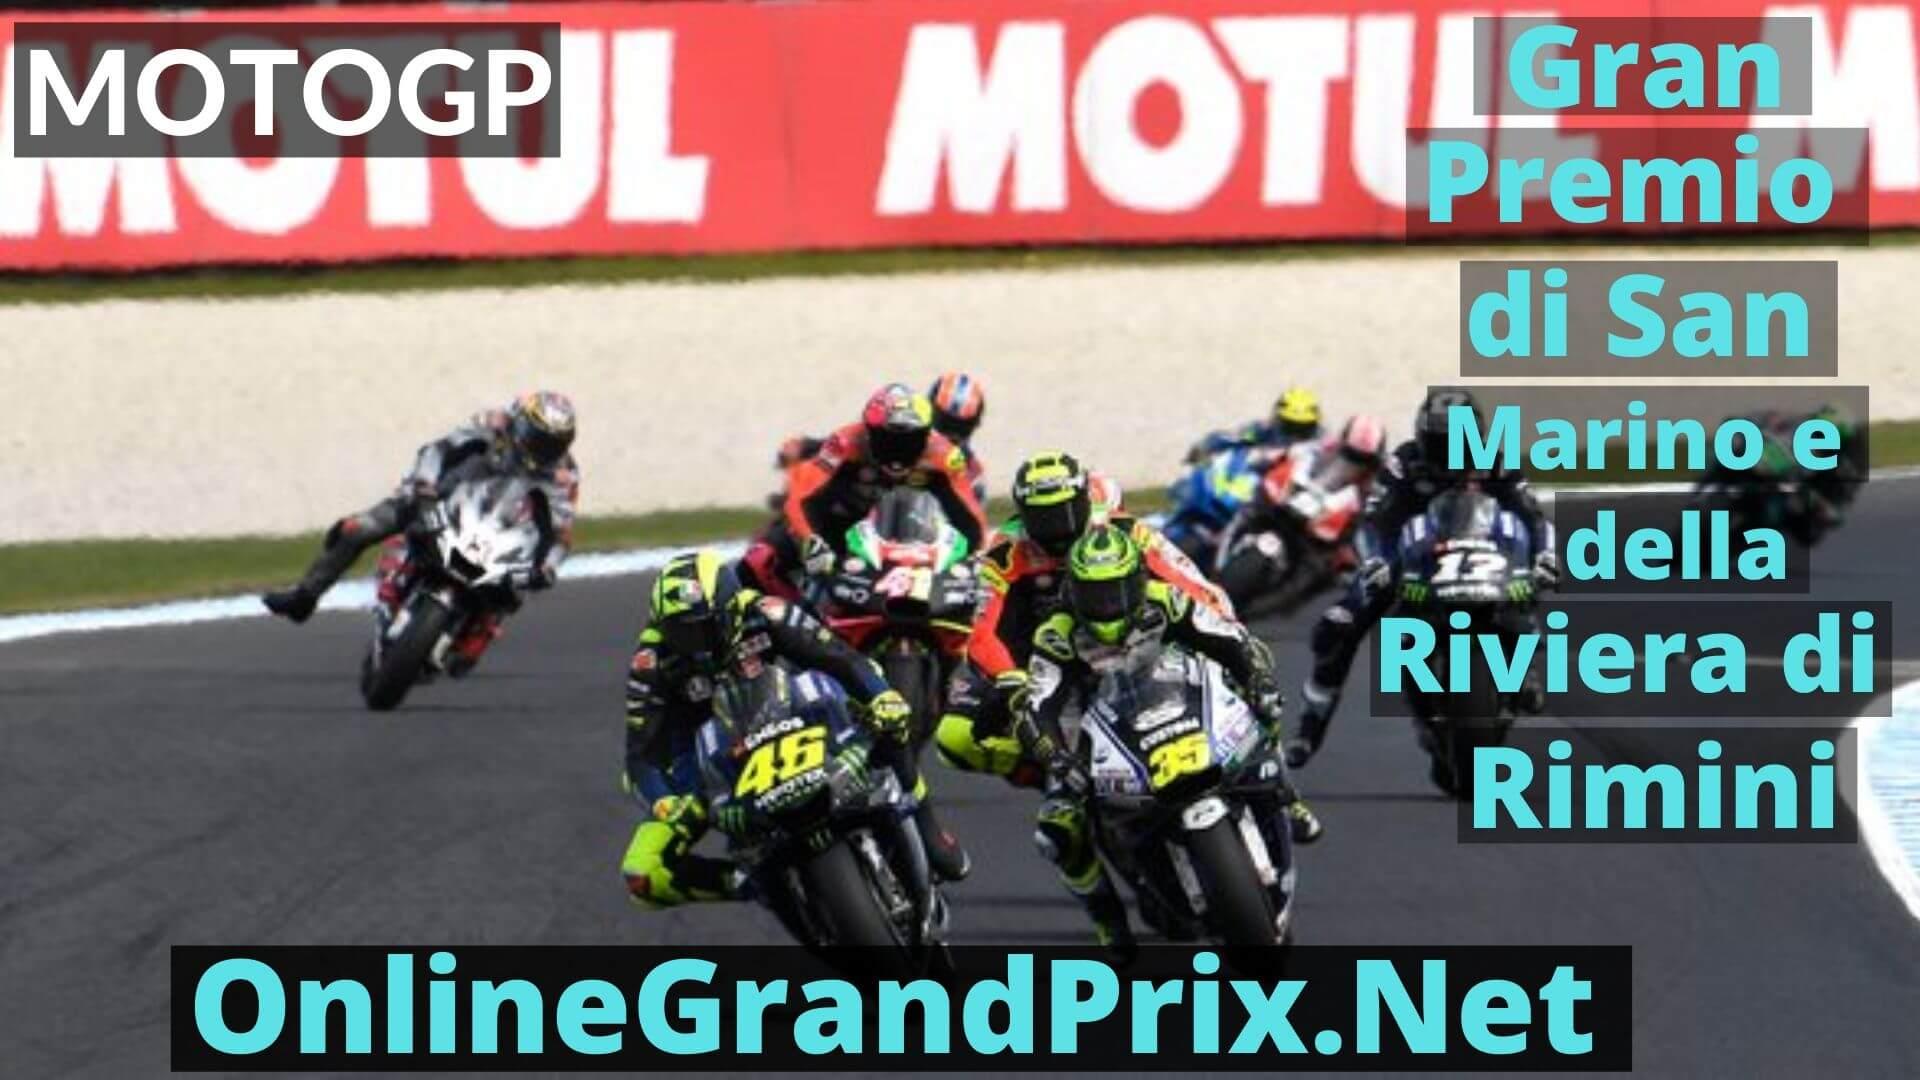 Gran Premio di San Marino e della Riviera di Rimini Live Stream 2020 | MotoGP